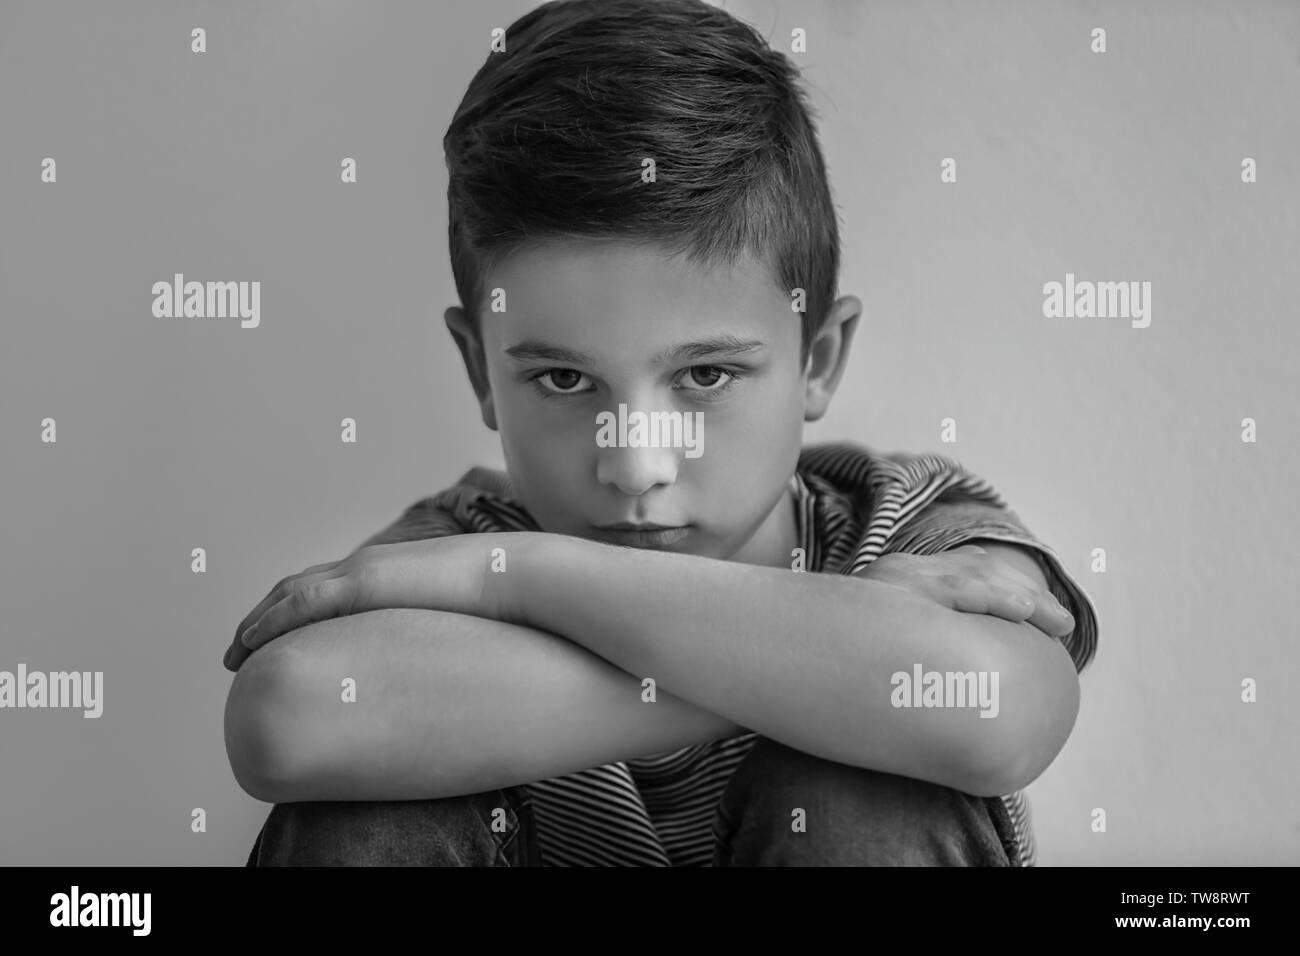 Traurige kleine Junge auf grauem Hintergrund, schwarze und weiße Wirkung Stockbild